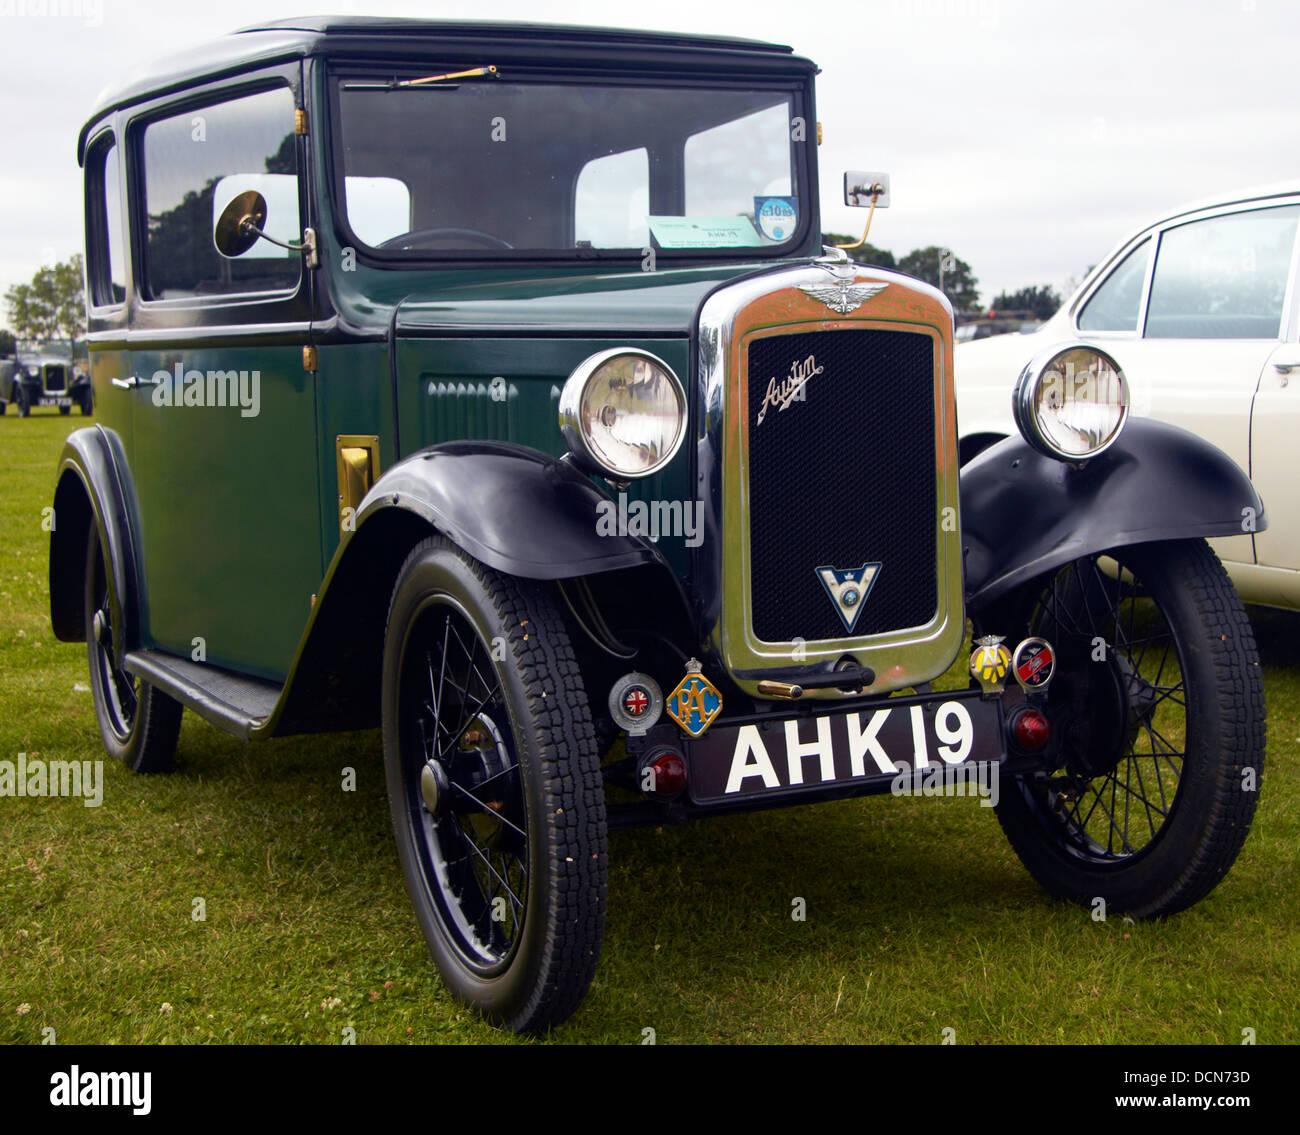 Car Stock Photos: Classic Cars 1930s Stock Photos & Classic Cars 1930s Stock